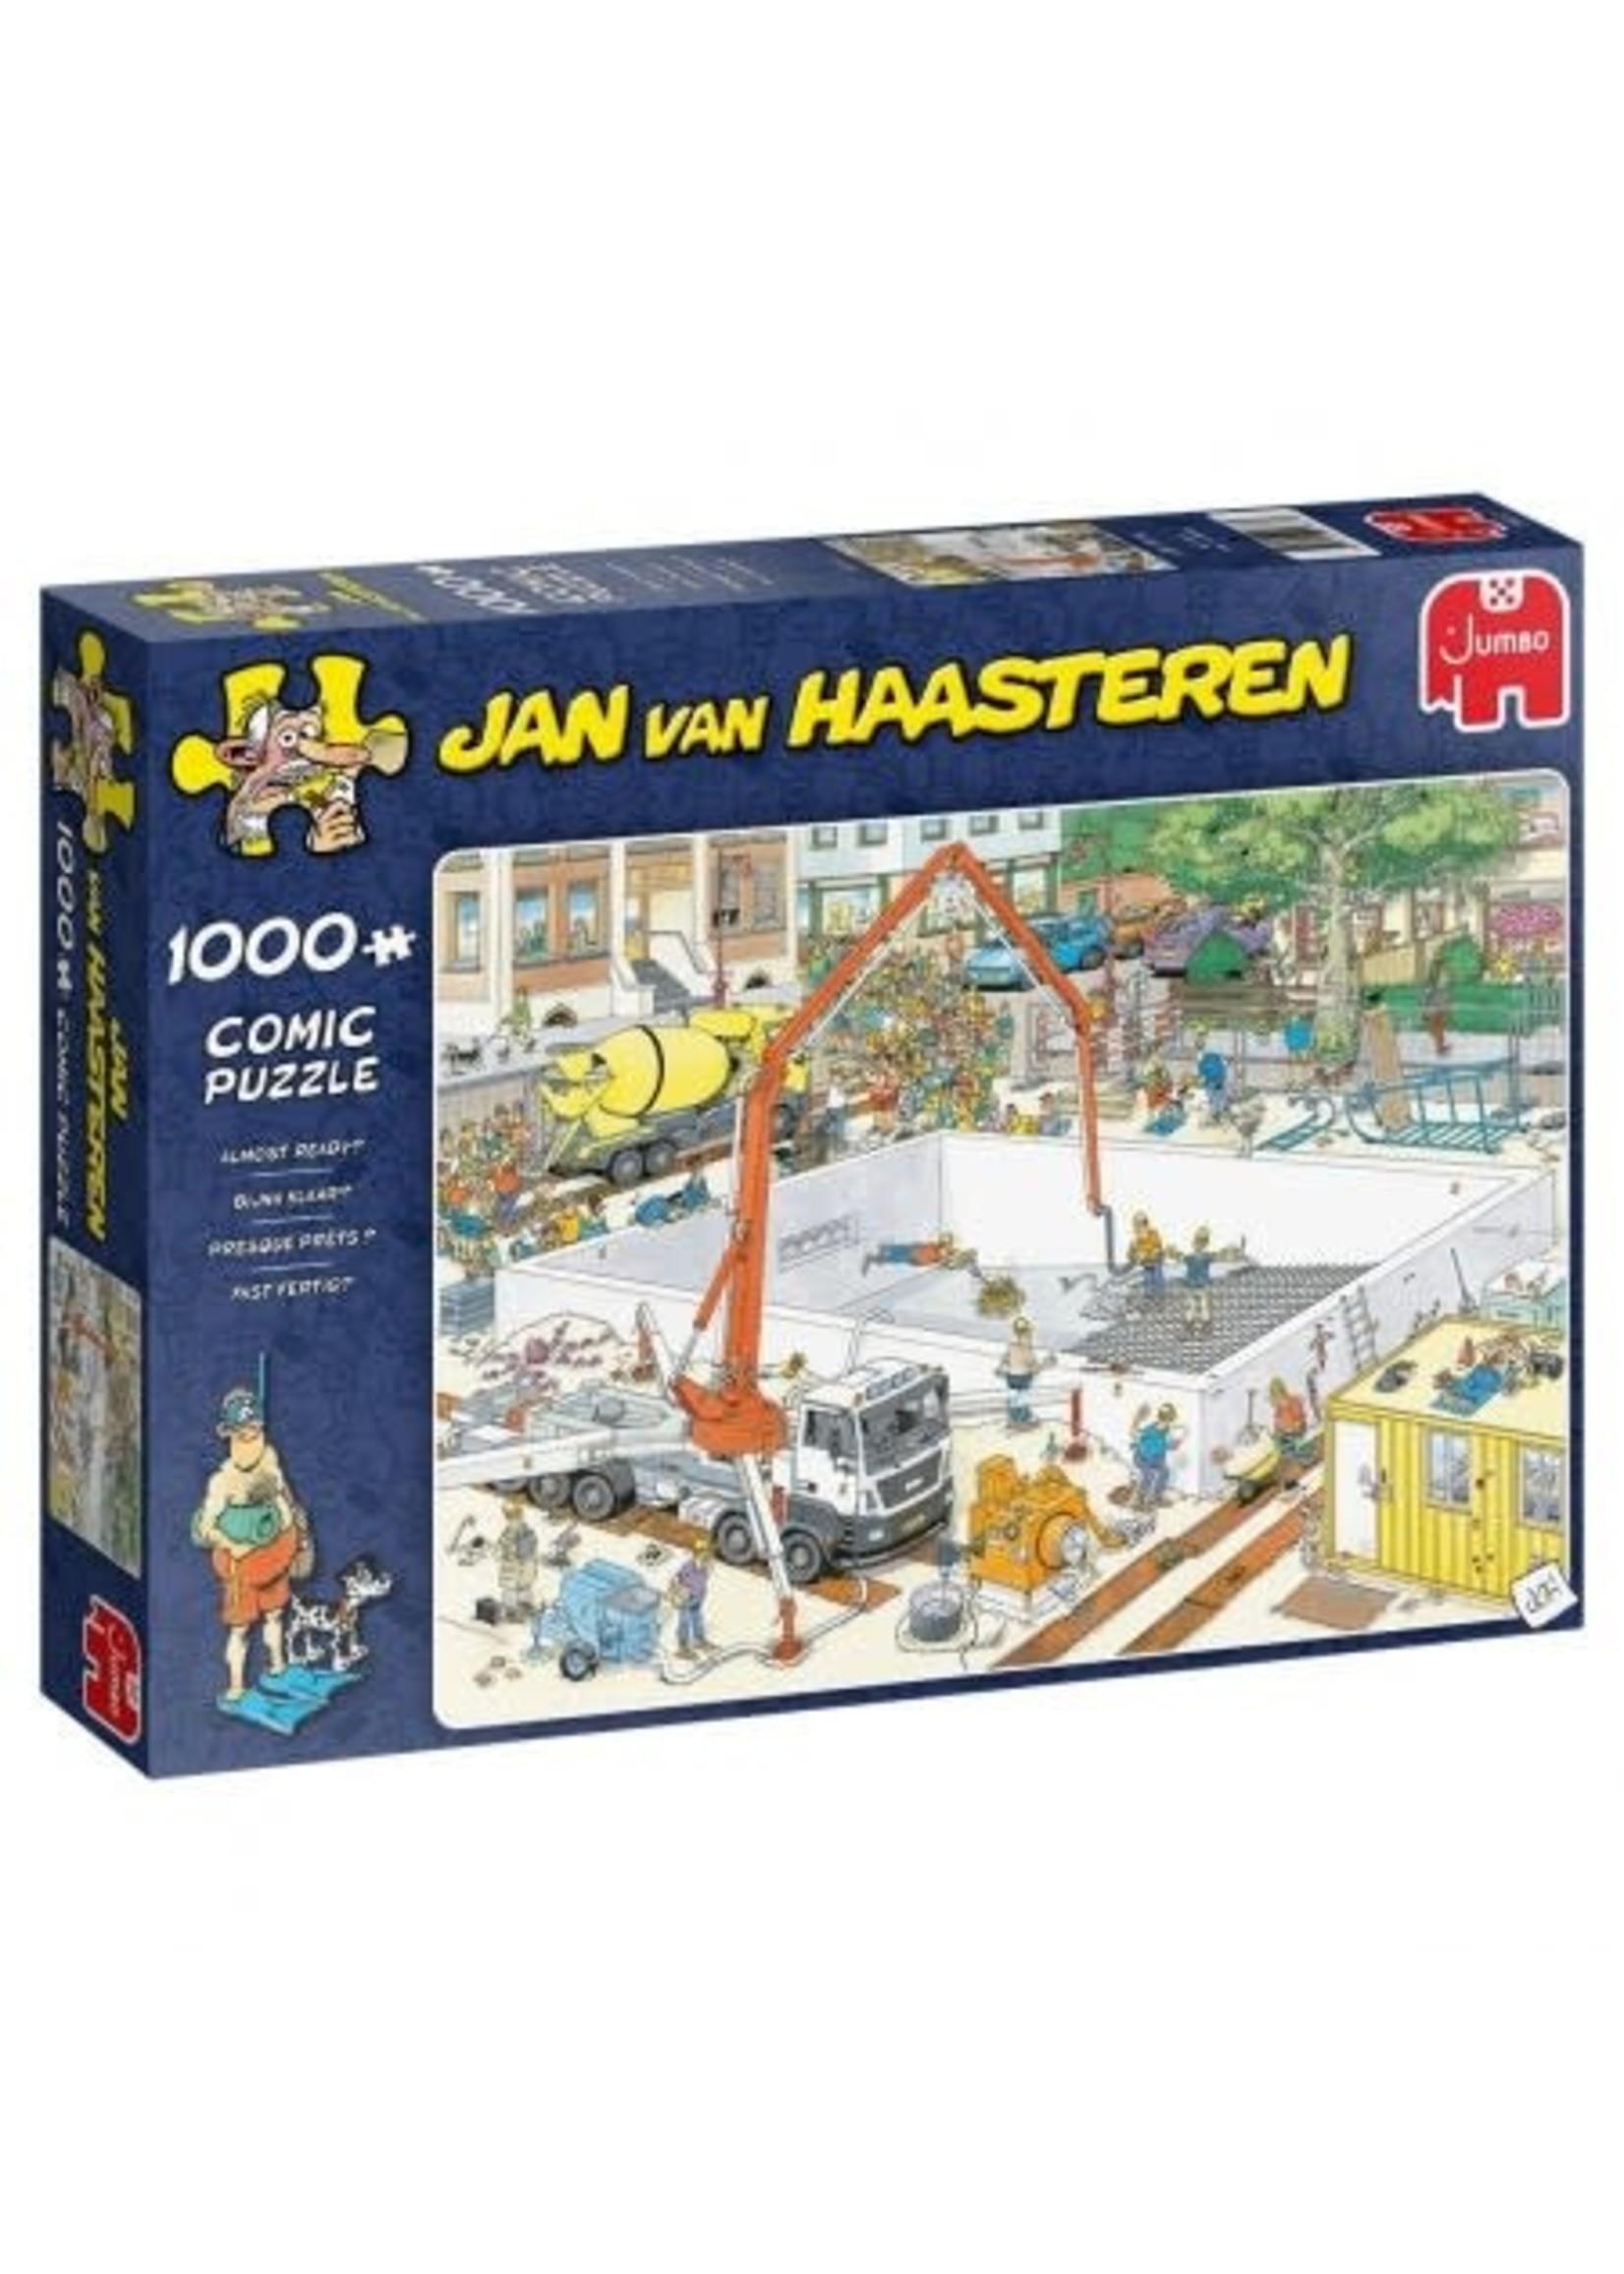 Bijna Klaar? - Jan van Haasteren (1000)